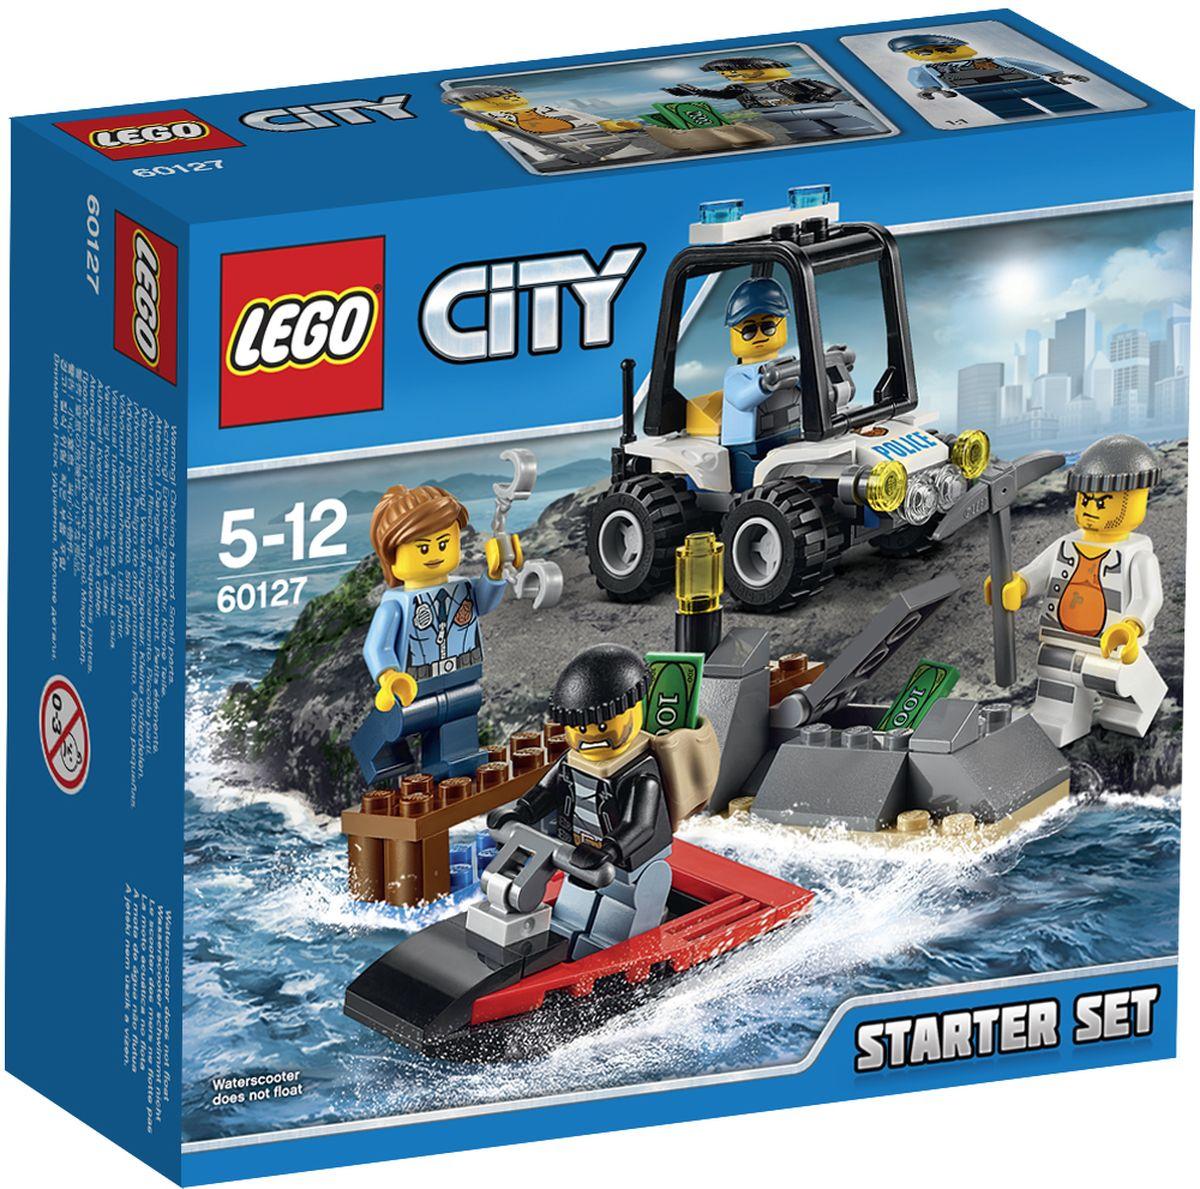 LEGO City Конструктор Остров-тюрьма 6012760127Звучит тревога: с острова-тюрьмы совершён побег! Запрыгивай в полицейский багги и отправляйся в погоню за преступником, чтобы поймать его, прежде чем сообщник встретит его на катере. Поспеши, иначе они скроются с награбленным! Жизнь в LEGO City всегда бьёт ключом. Набор для начинающих LEGO City Остров-тюрьма - это один из самых увлекательнейших и веселых способов времяпрепровождения. Ребенок сможет часами играть с конструктором, придумывая различные ситуации и истории. В набор также входят 4 мини-фигурки: 2 полицейских и 2 преступников. В процессе игры с конструкторами LEGO дети приобретают и постигают такие необходимые навыки как познание, творчество, воображение. Обычные наблюдения за детьми показывают, что единственное, чему они с удовольствием посвящают время, - это игры. Игра - это состояние души, это веселый опыт познания реальности. Играя, дети создают собственные миры, осваивают их, а познавая - приобретают знания и умения. Фантазия ребенка безгранична,...